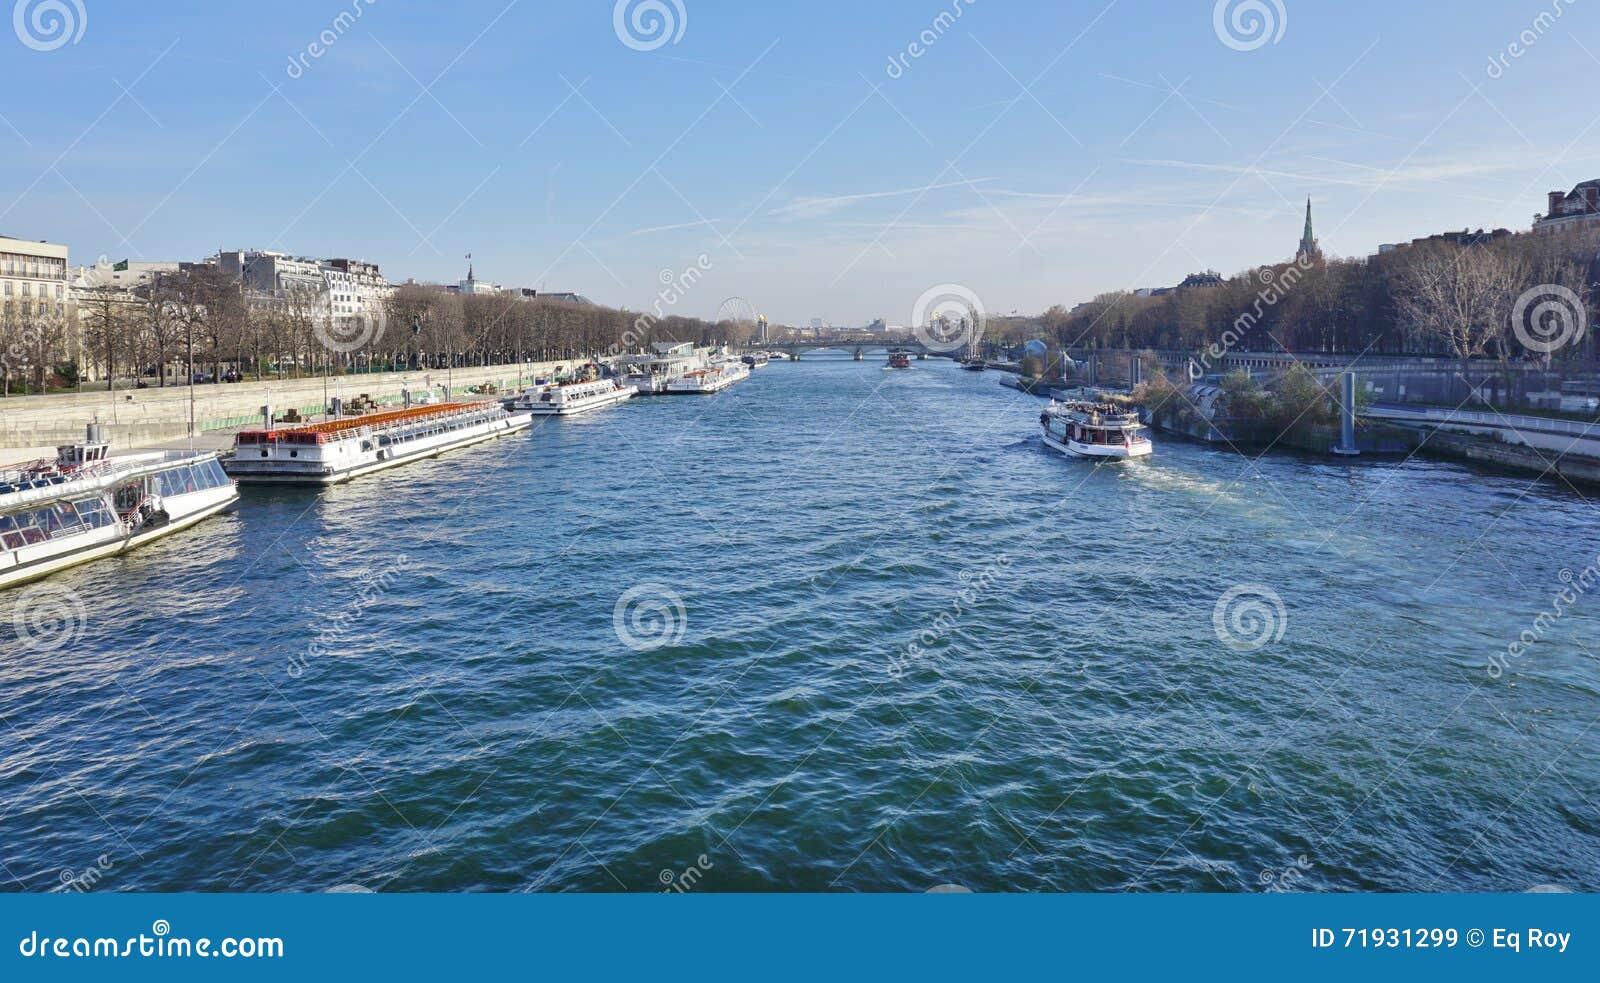 Peniche и туристские шлюпки на реке Сене в Париже